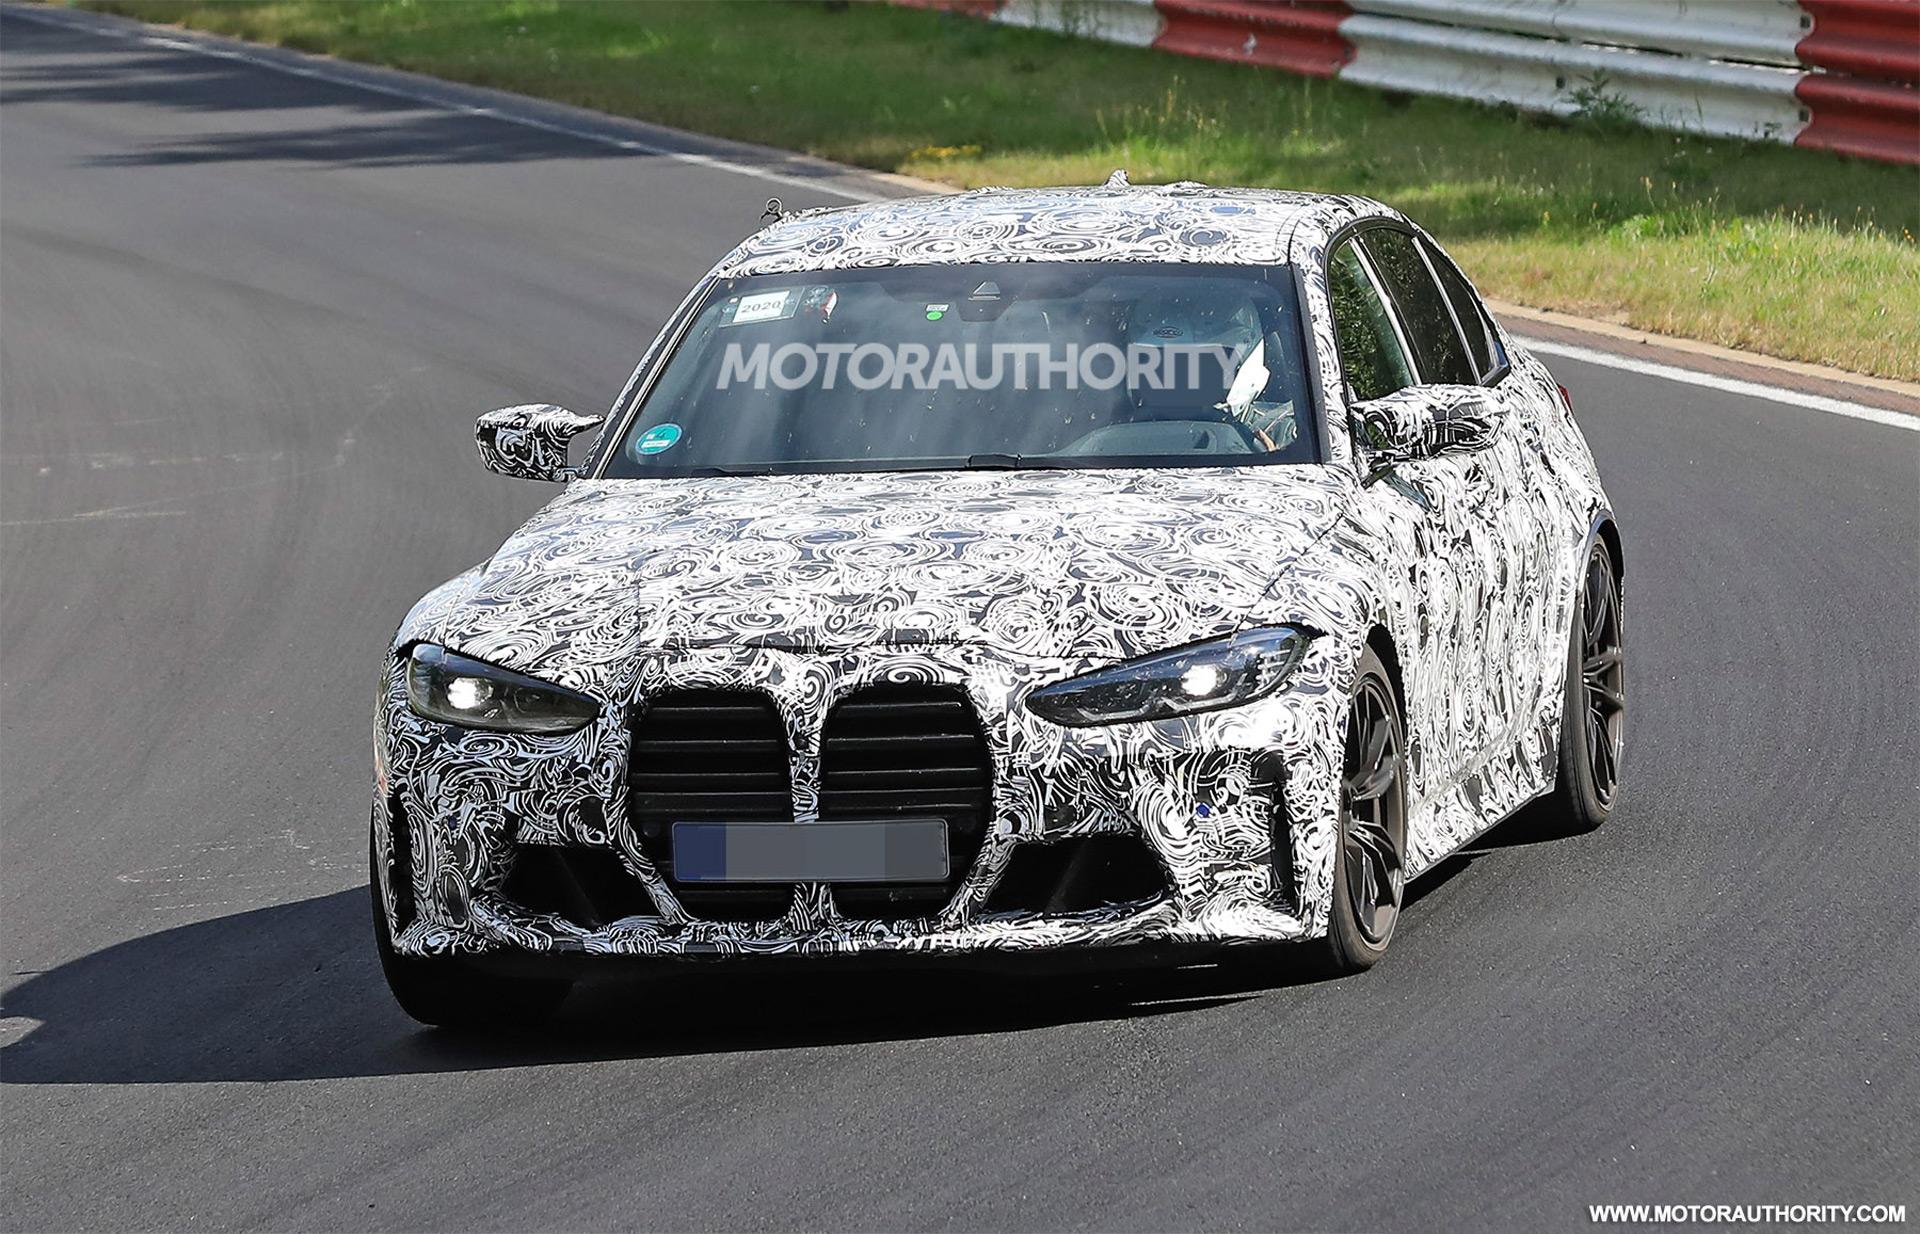 2020 - [BMW] M3/M4 - Page 18 2021-bmw-m3-spy-shots--photo-credit-s-baldauf-sb-medien_100754059_h